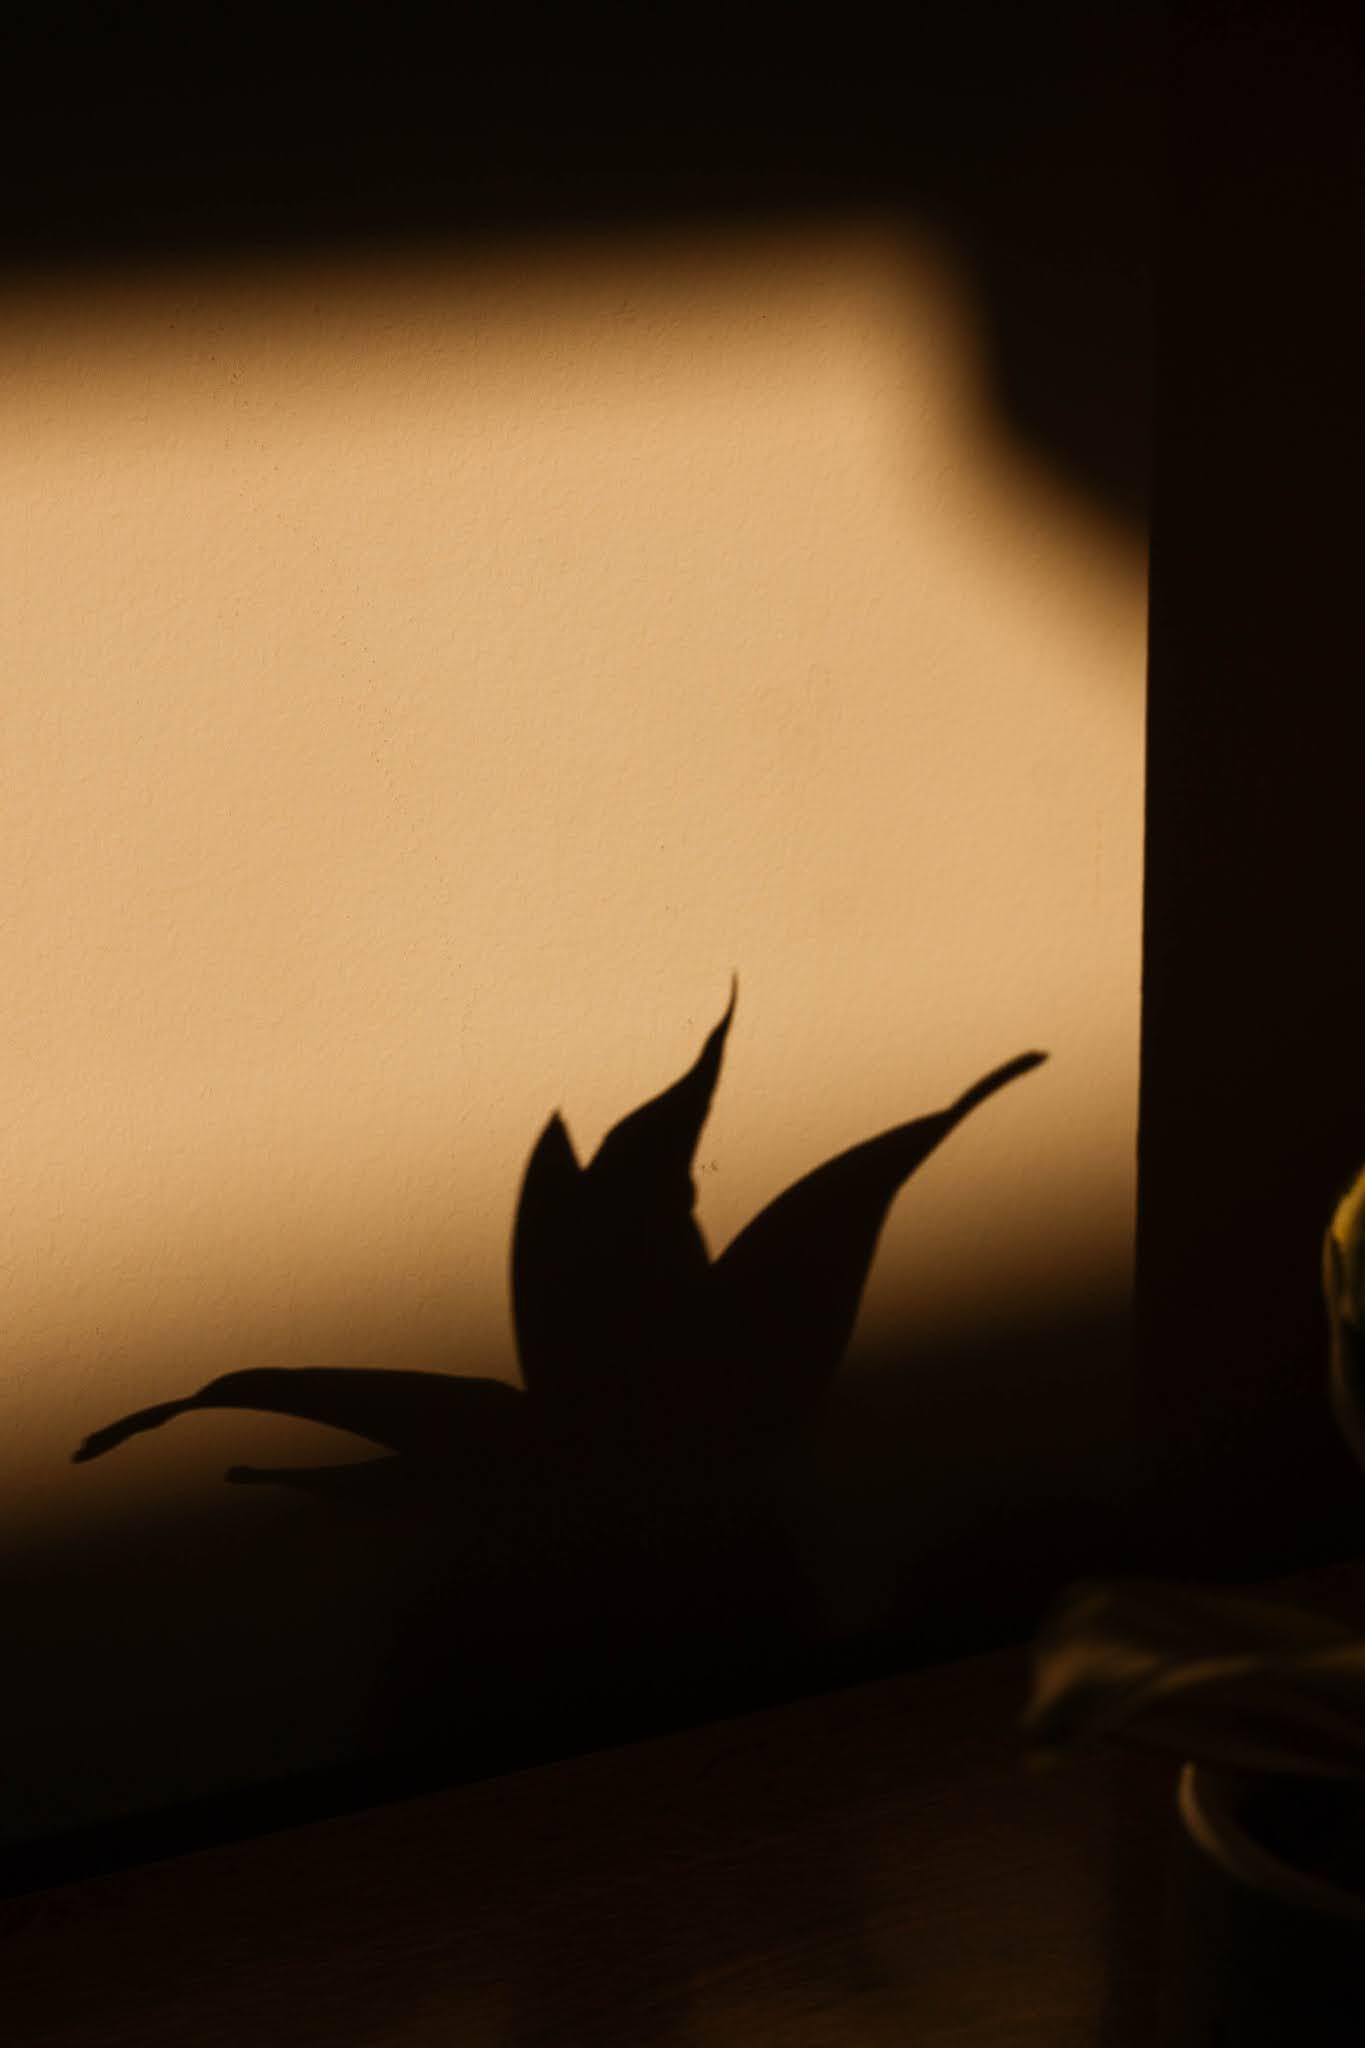 Melhor que ter quadros bonitos na parede cá de casa, é ter quadros personalizados com os nossos amigos de quatro patas. Escolhi, novamente, alguns posters e frames da Desenio. Não são todos personalizados, mas o que mais me conquistou foi o My Cat Personal Poster - um poster personalizável com o nosso animal de estimação (ilustração à escolha), num design minimalista e no qual podemos colocar data e texto.